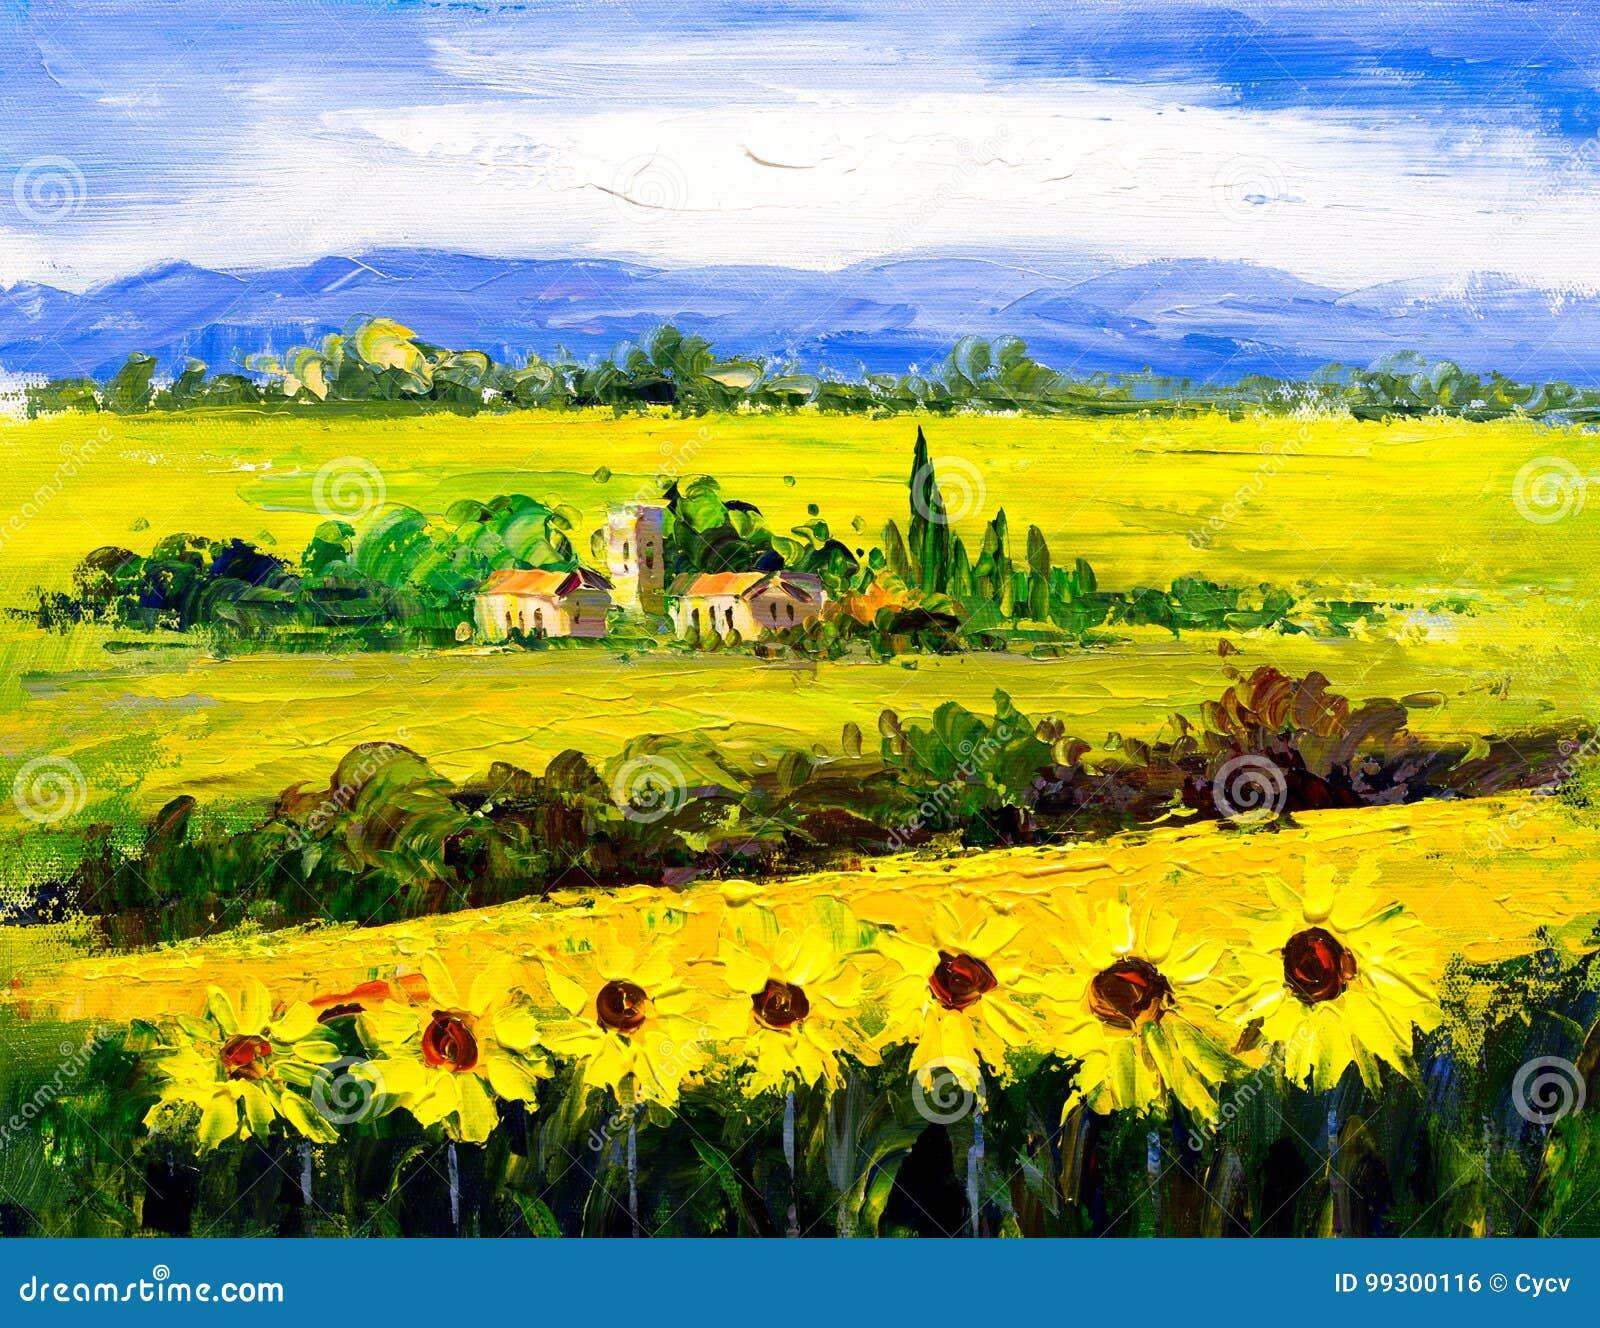 Peinture à L'huile - Tournesol Illustration